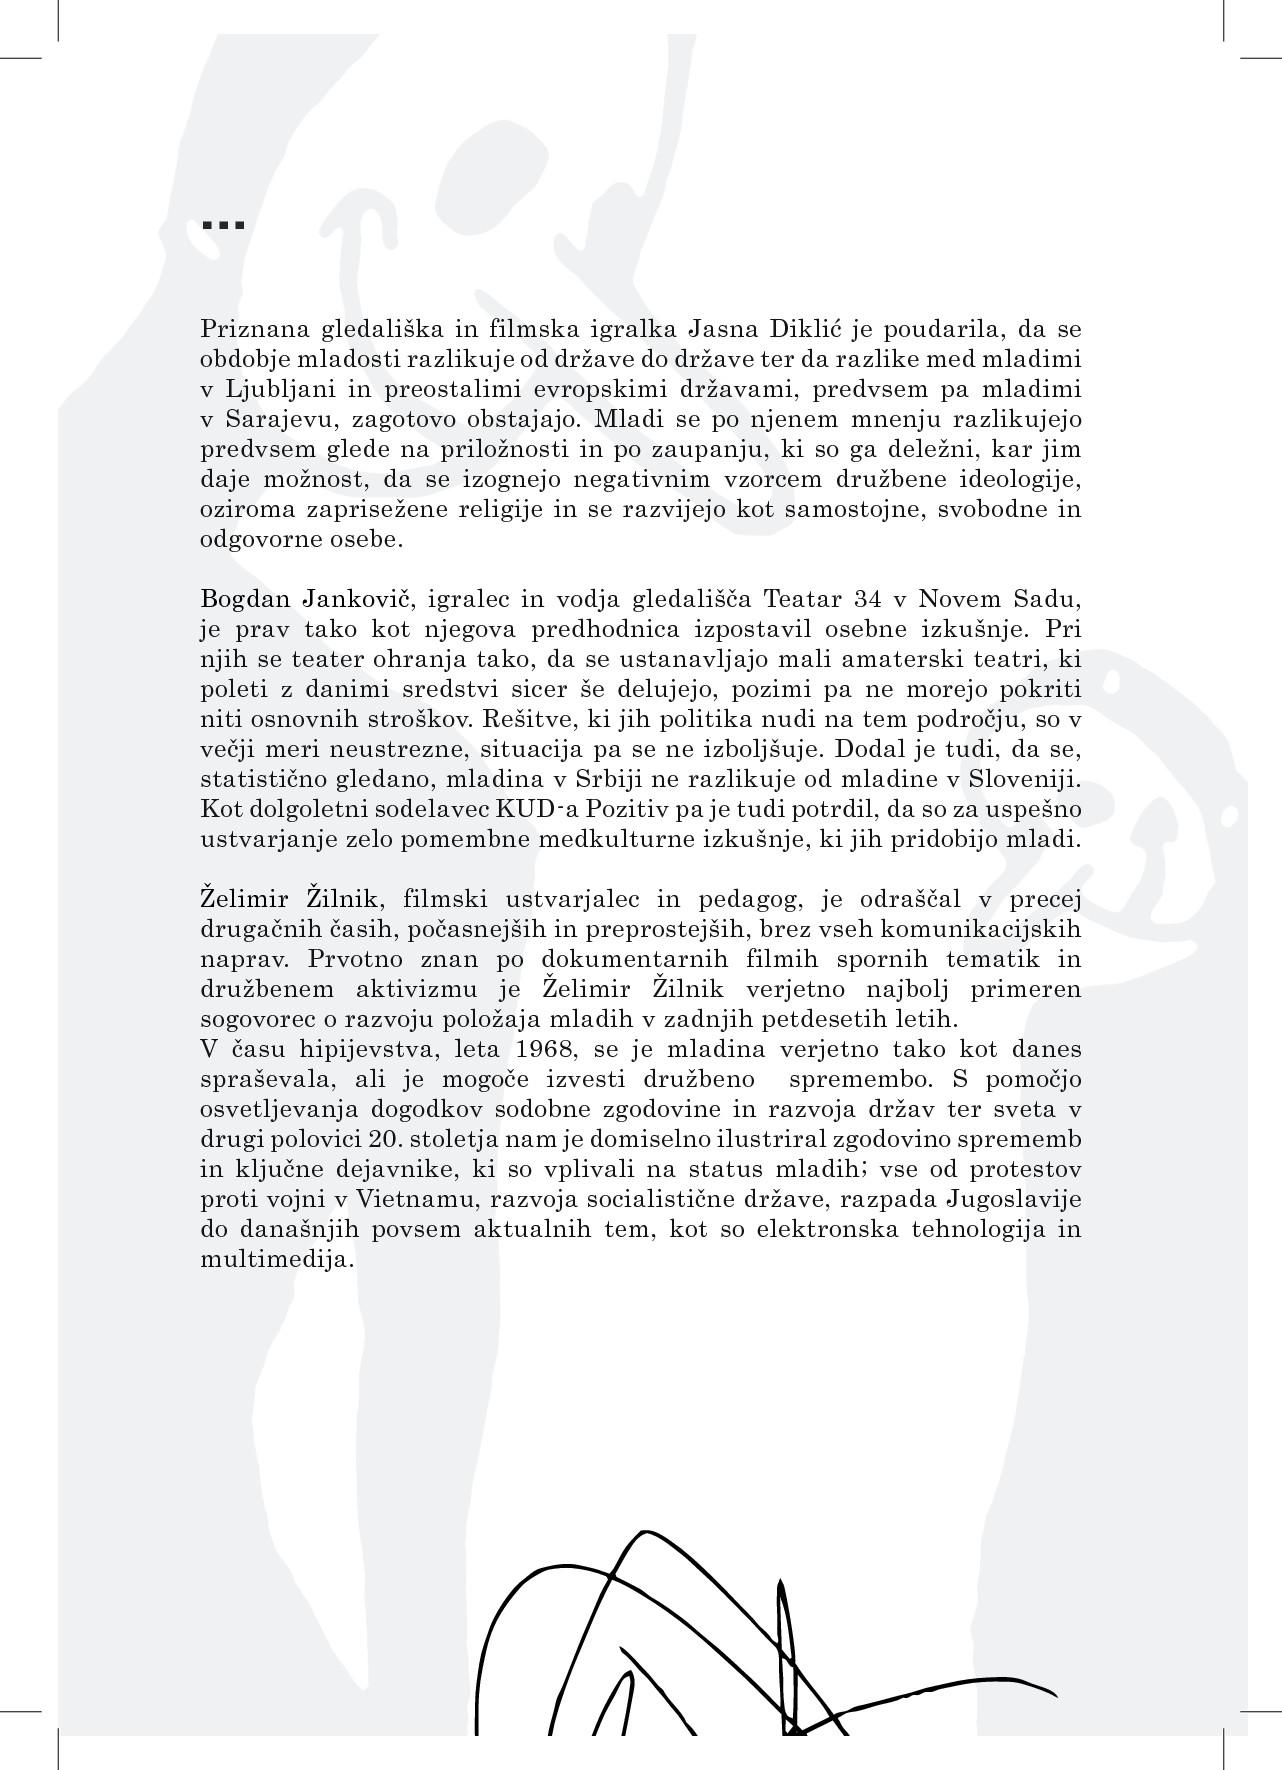 knjizica_biti_mlad-017-017.jpg